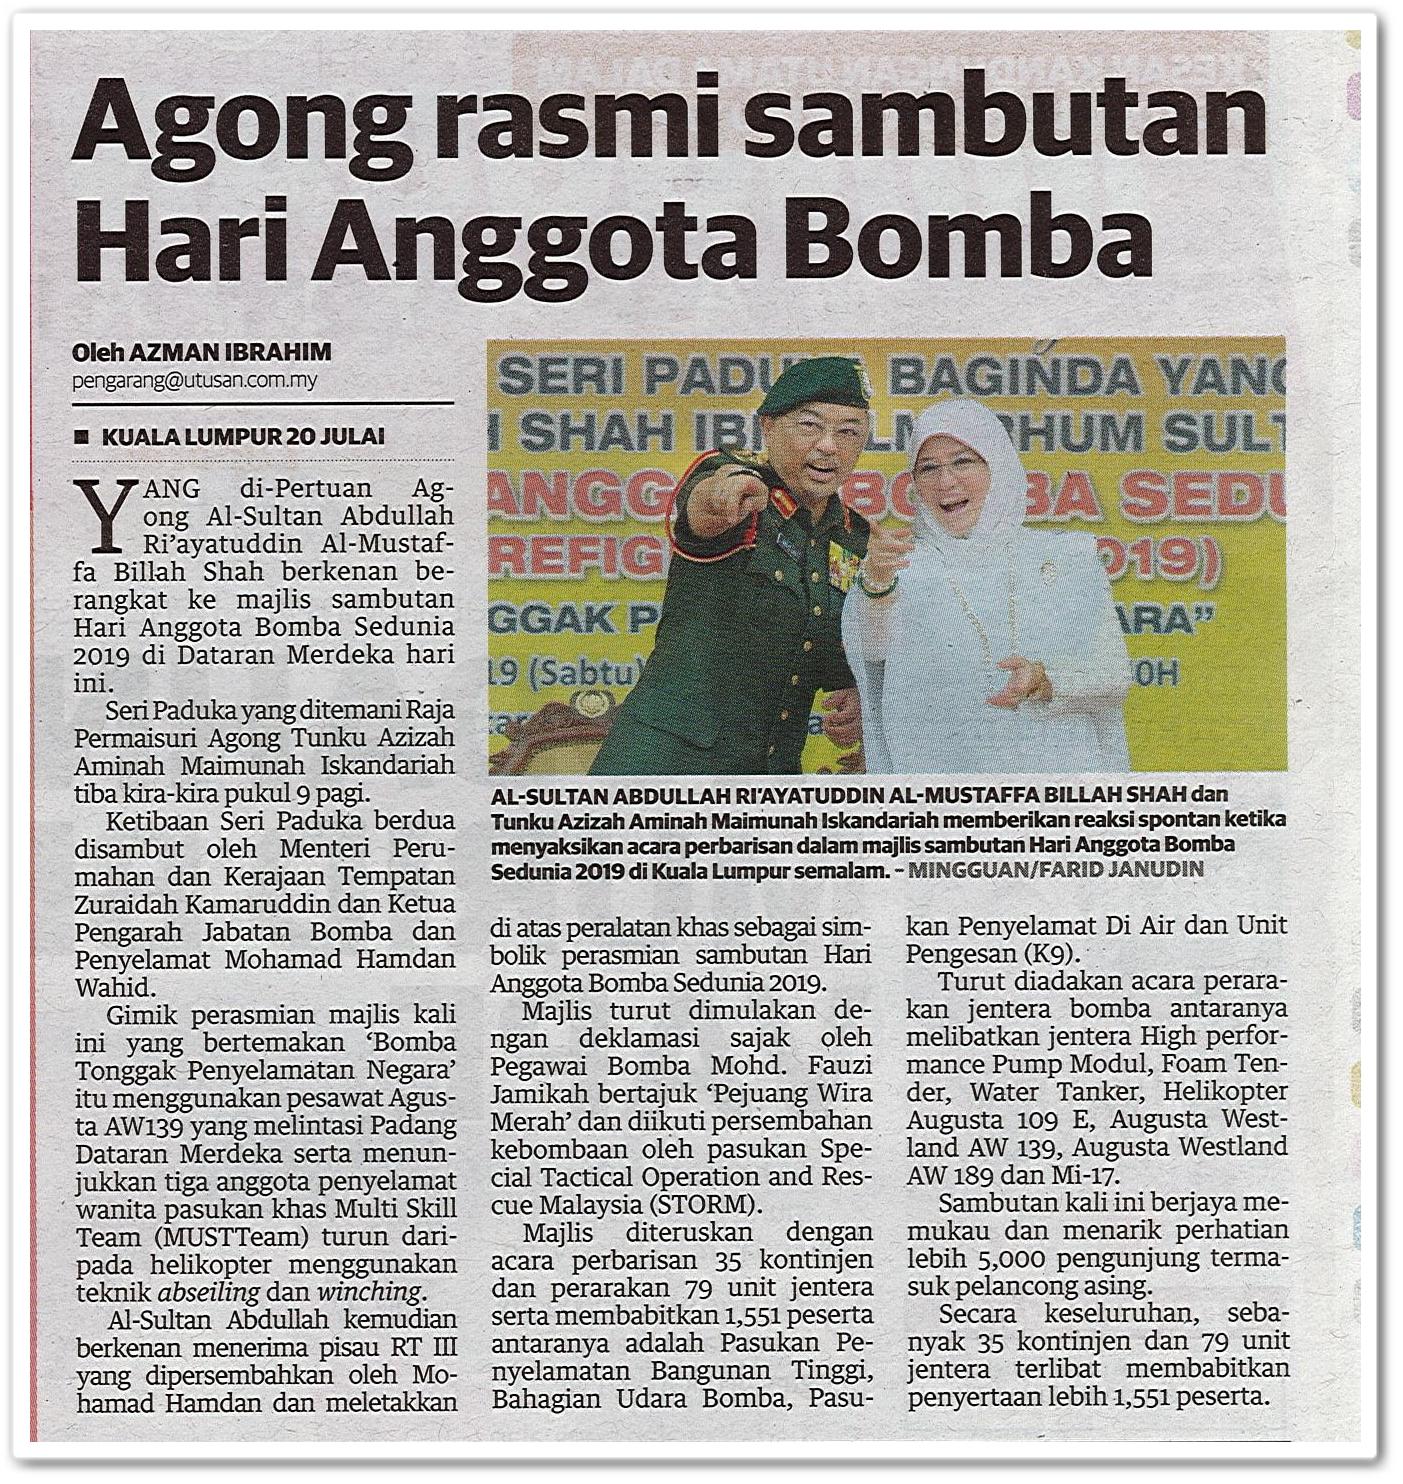 Agong rasmi sambutan Hari Anggota Bomba - Keratan akhbar Mingguan Malaysia 21 Julai 2019